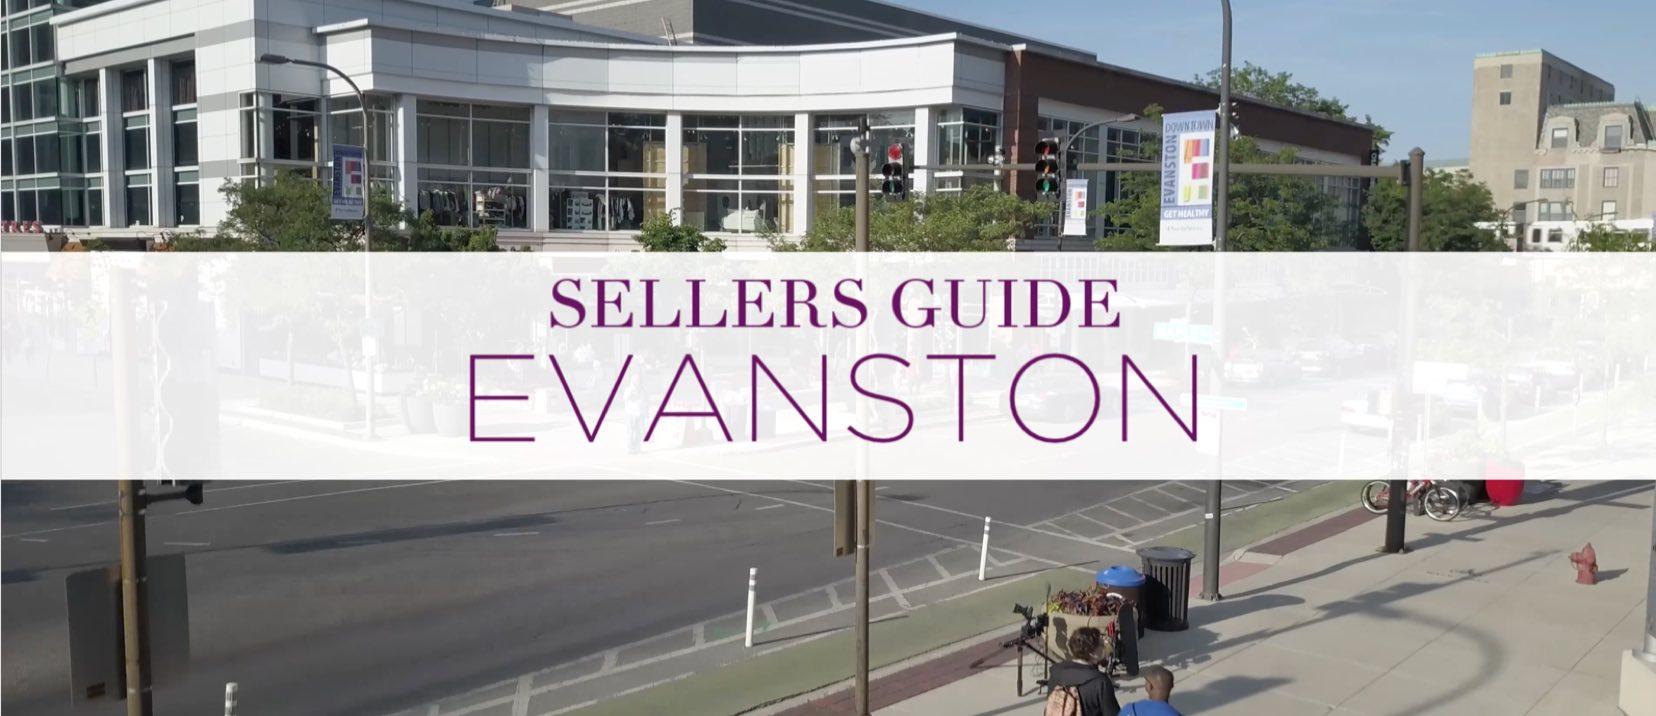 Sellers Guide Evanston